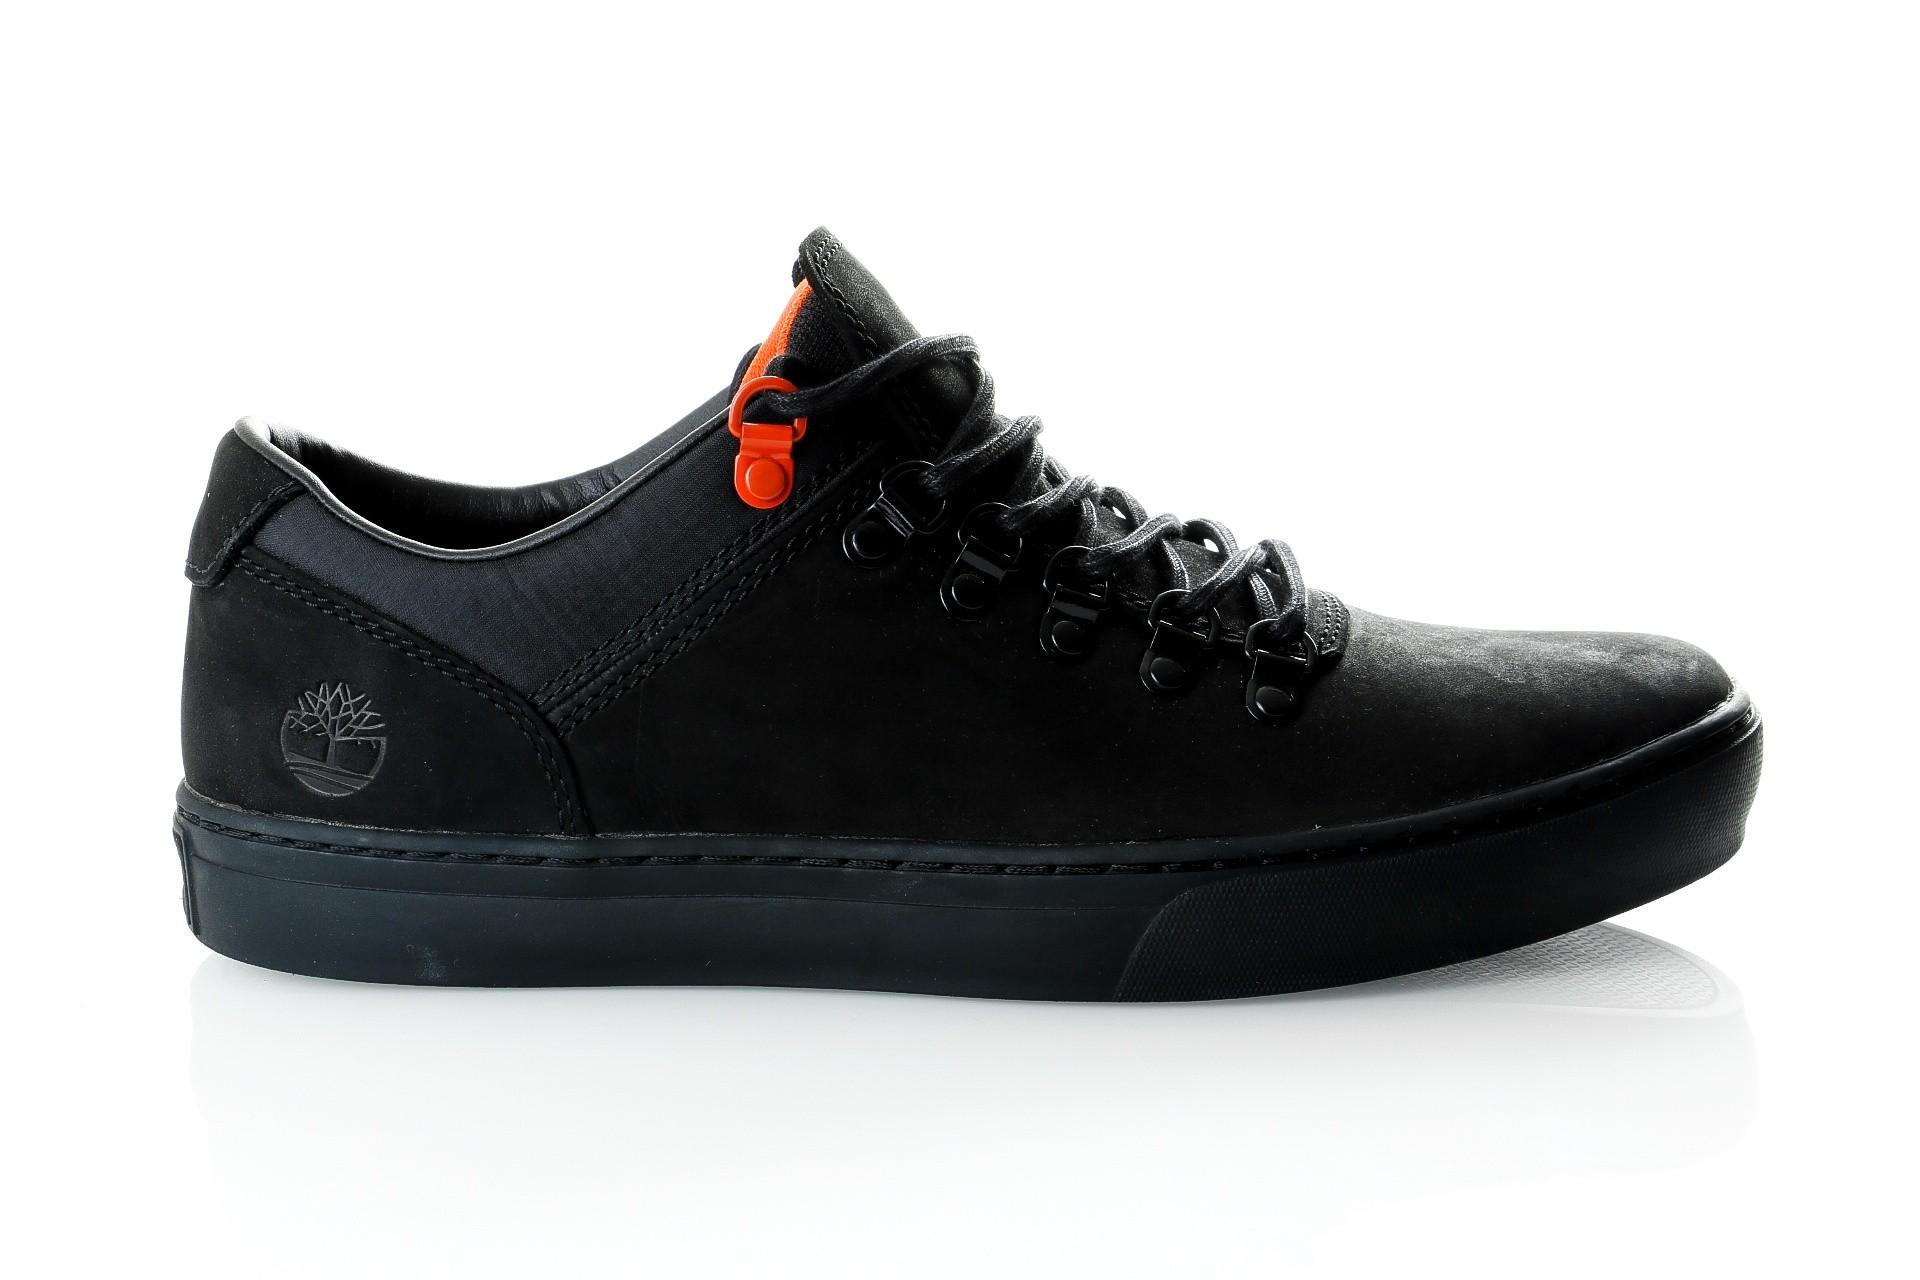 Foto van Timberland Adv 2.0 Cupsole Alpine Ox TB0A1SJQ0011 Sneakers Black Nubuck